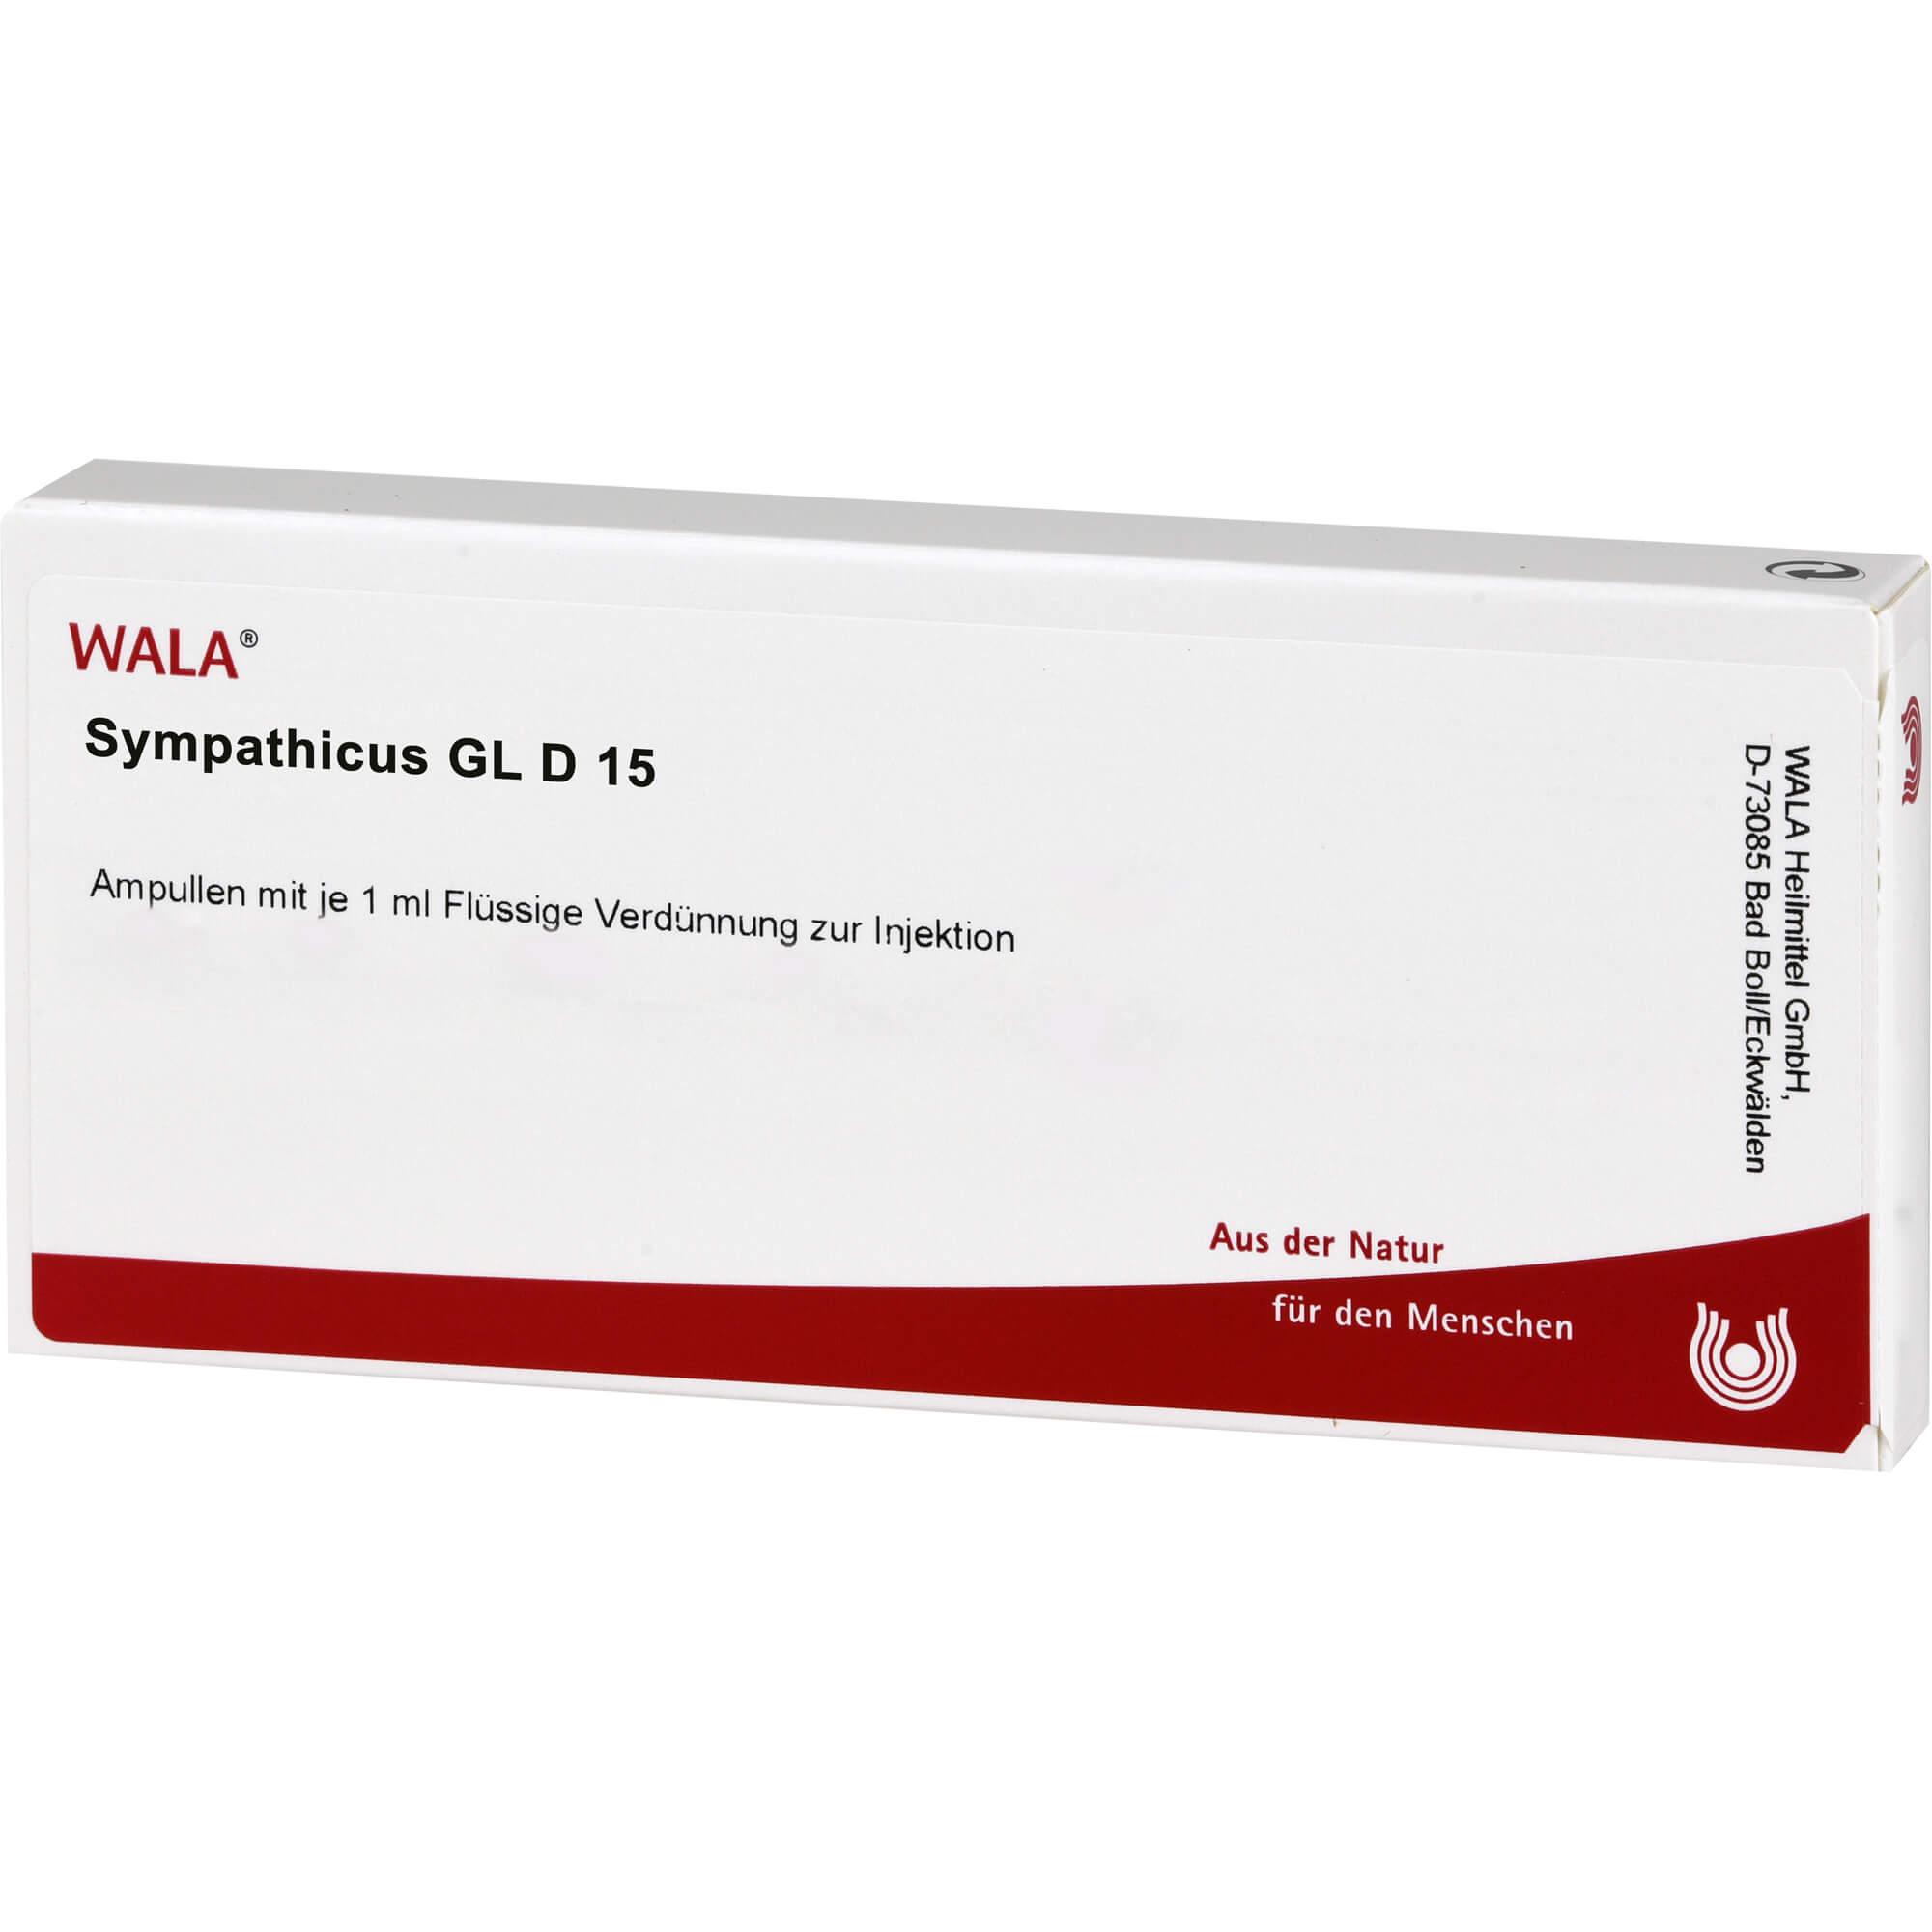 SYMPATHICUS GL D15